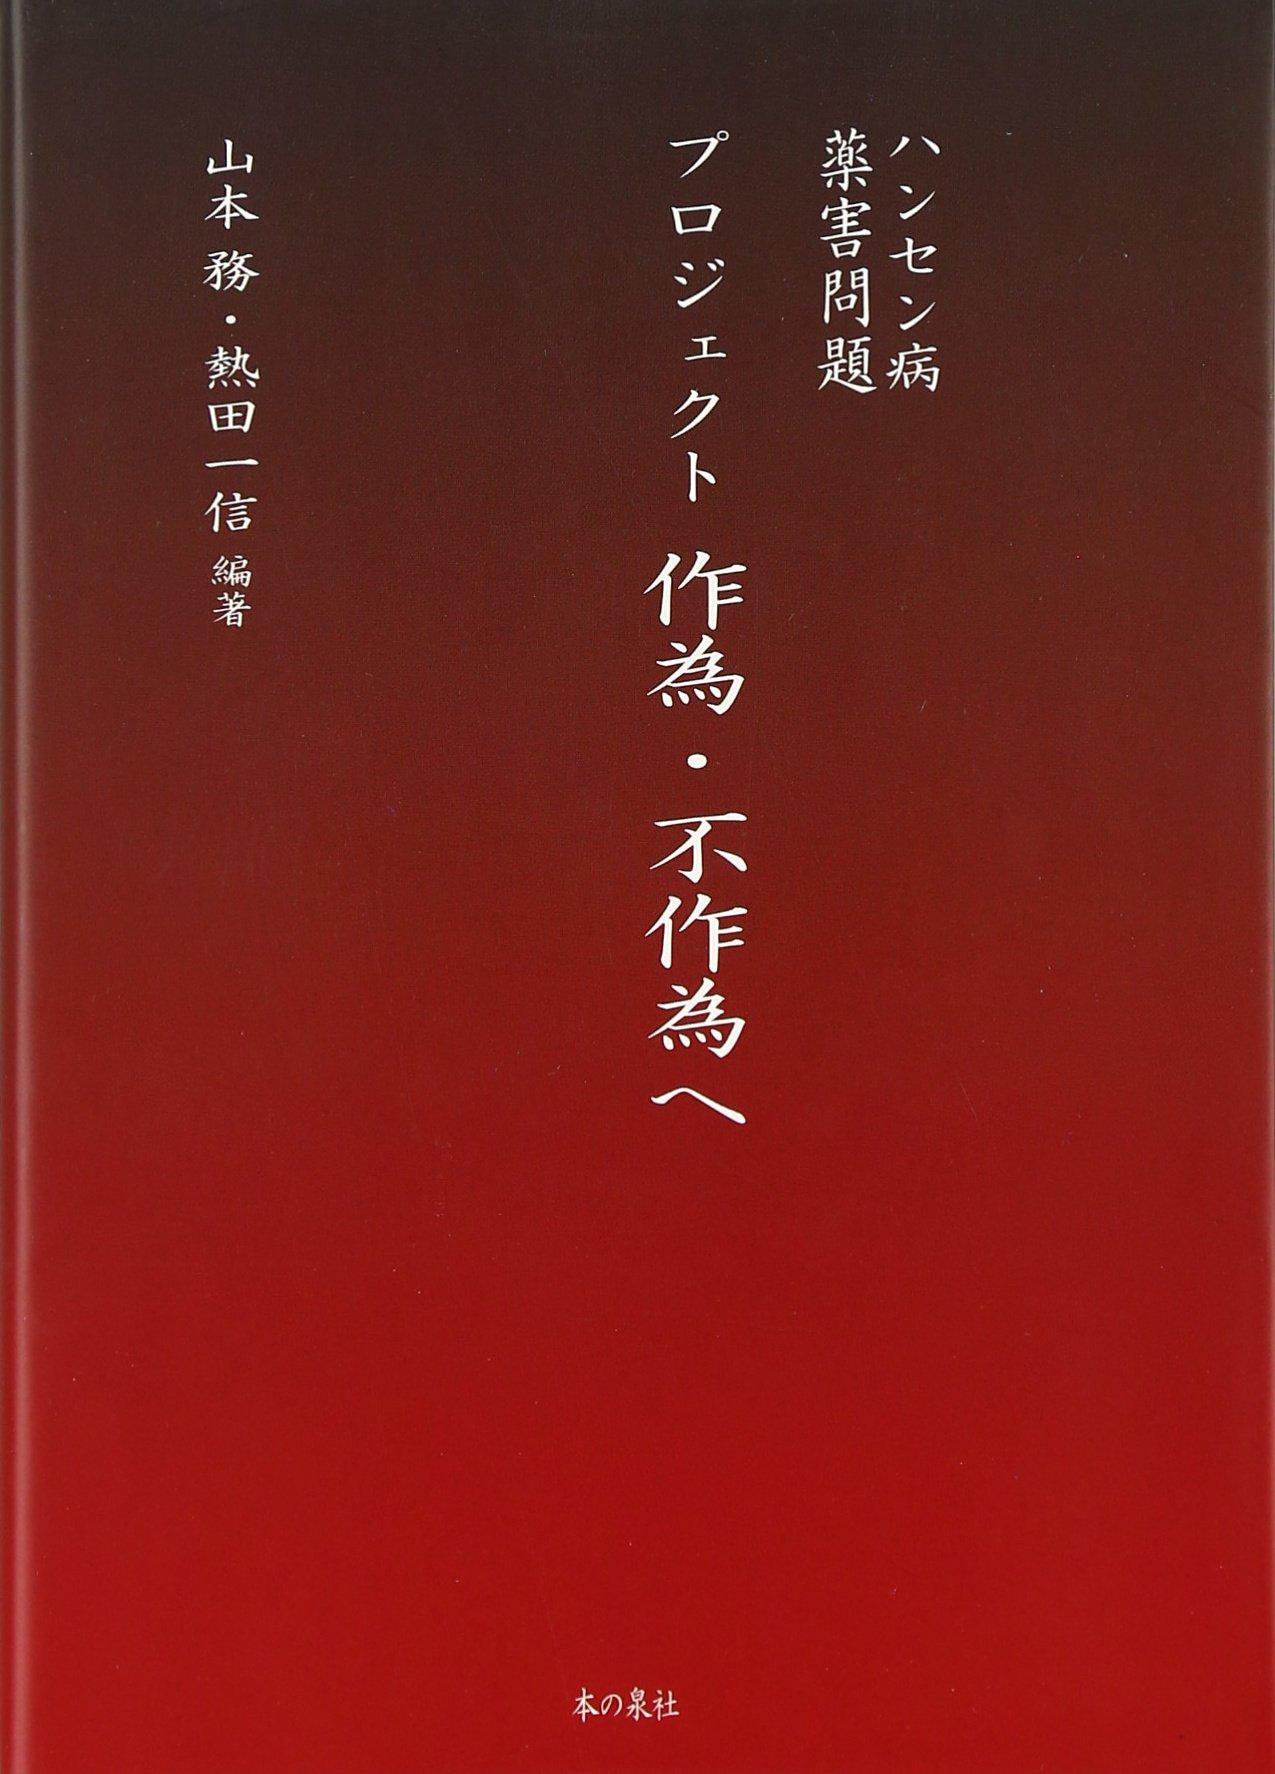 Hansenbyō yakugai mondai purojiekuto sakui fusakui e PDF